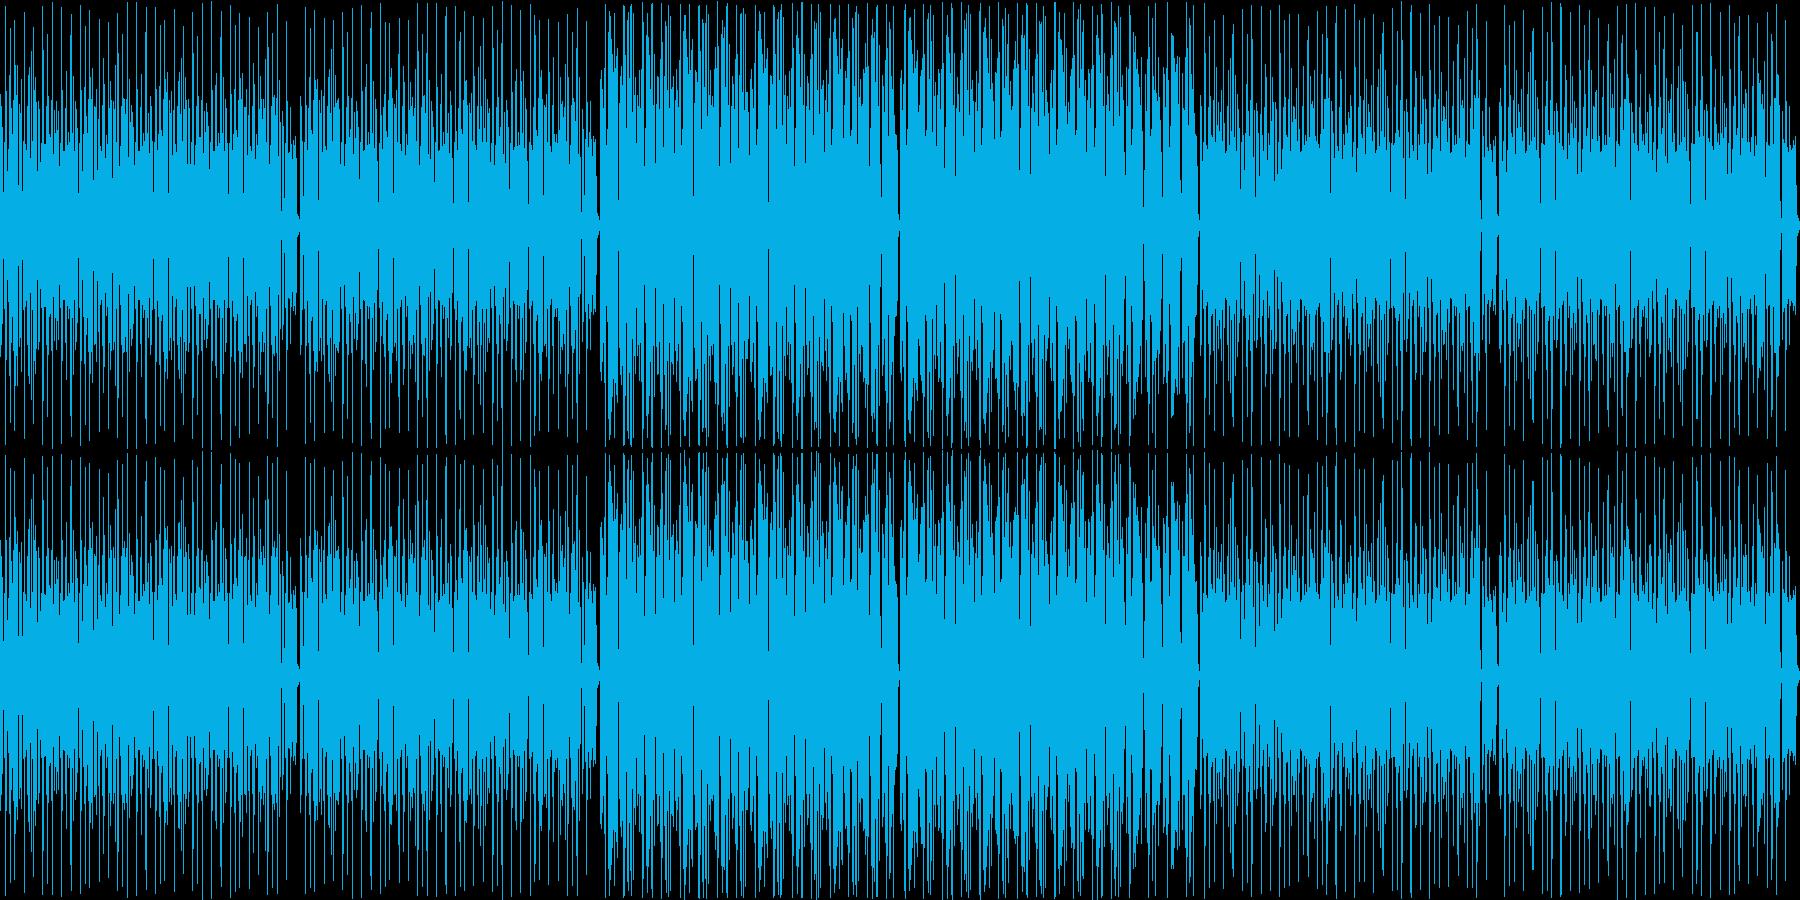 レゲエの再生済みの波形